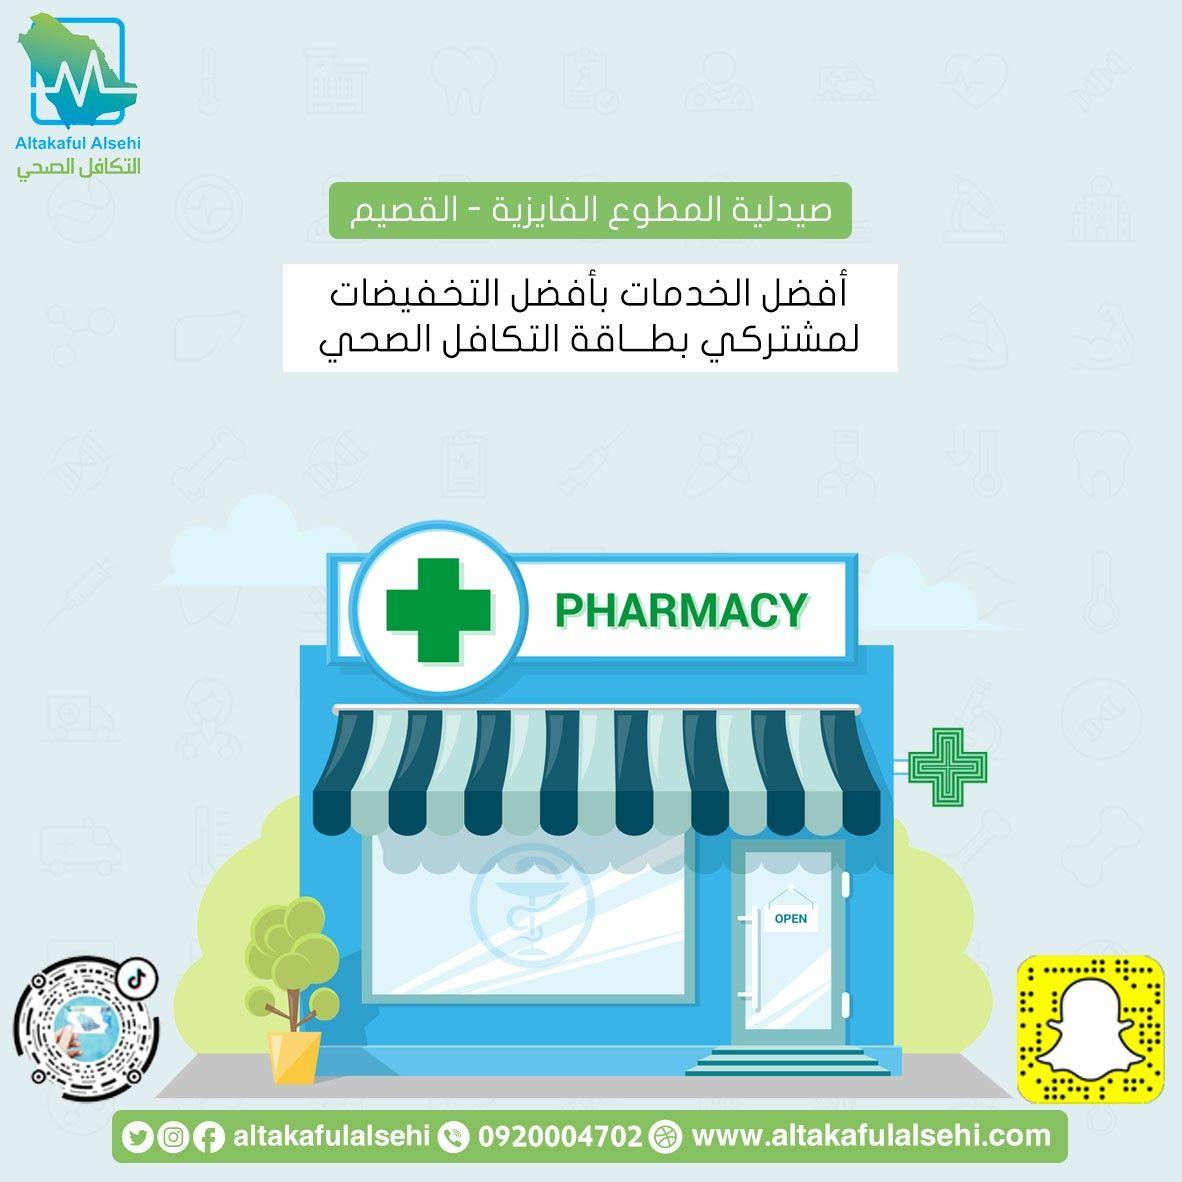 للحصول على خصومات حقيقية من صيدلية المطوع الفايزية في القصيم لا بد من القيام أولا بحصولك على بطاقة التكافل الصحي Https Health Insurance Pharmacy Insurance